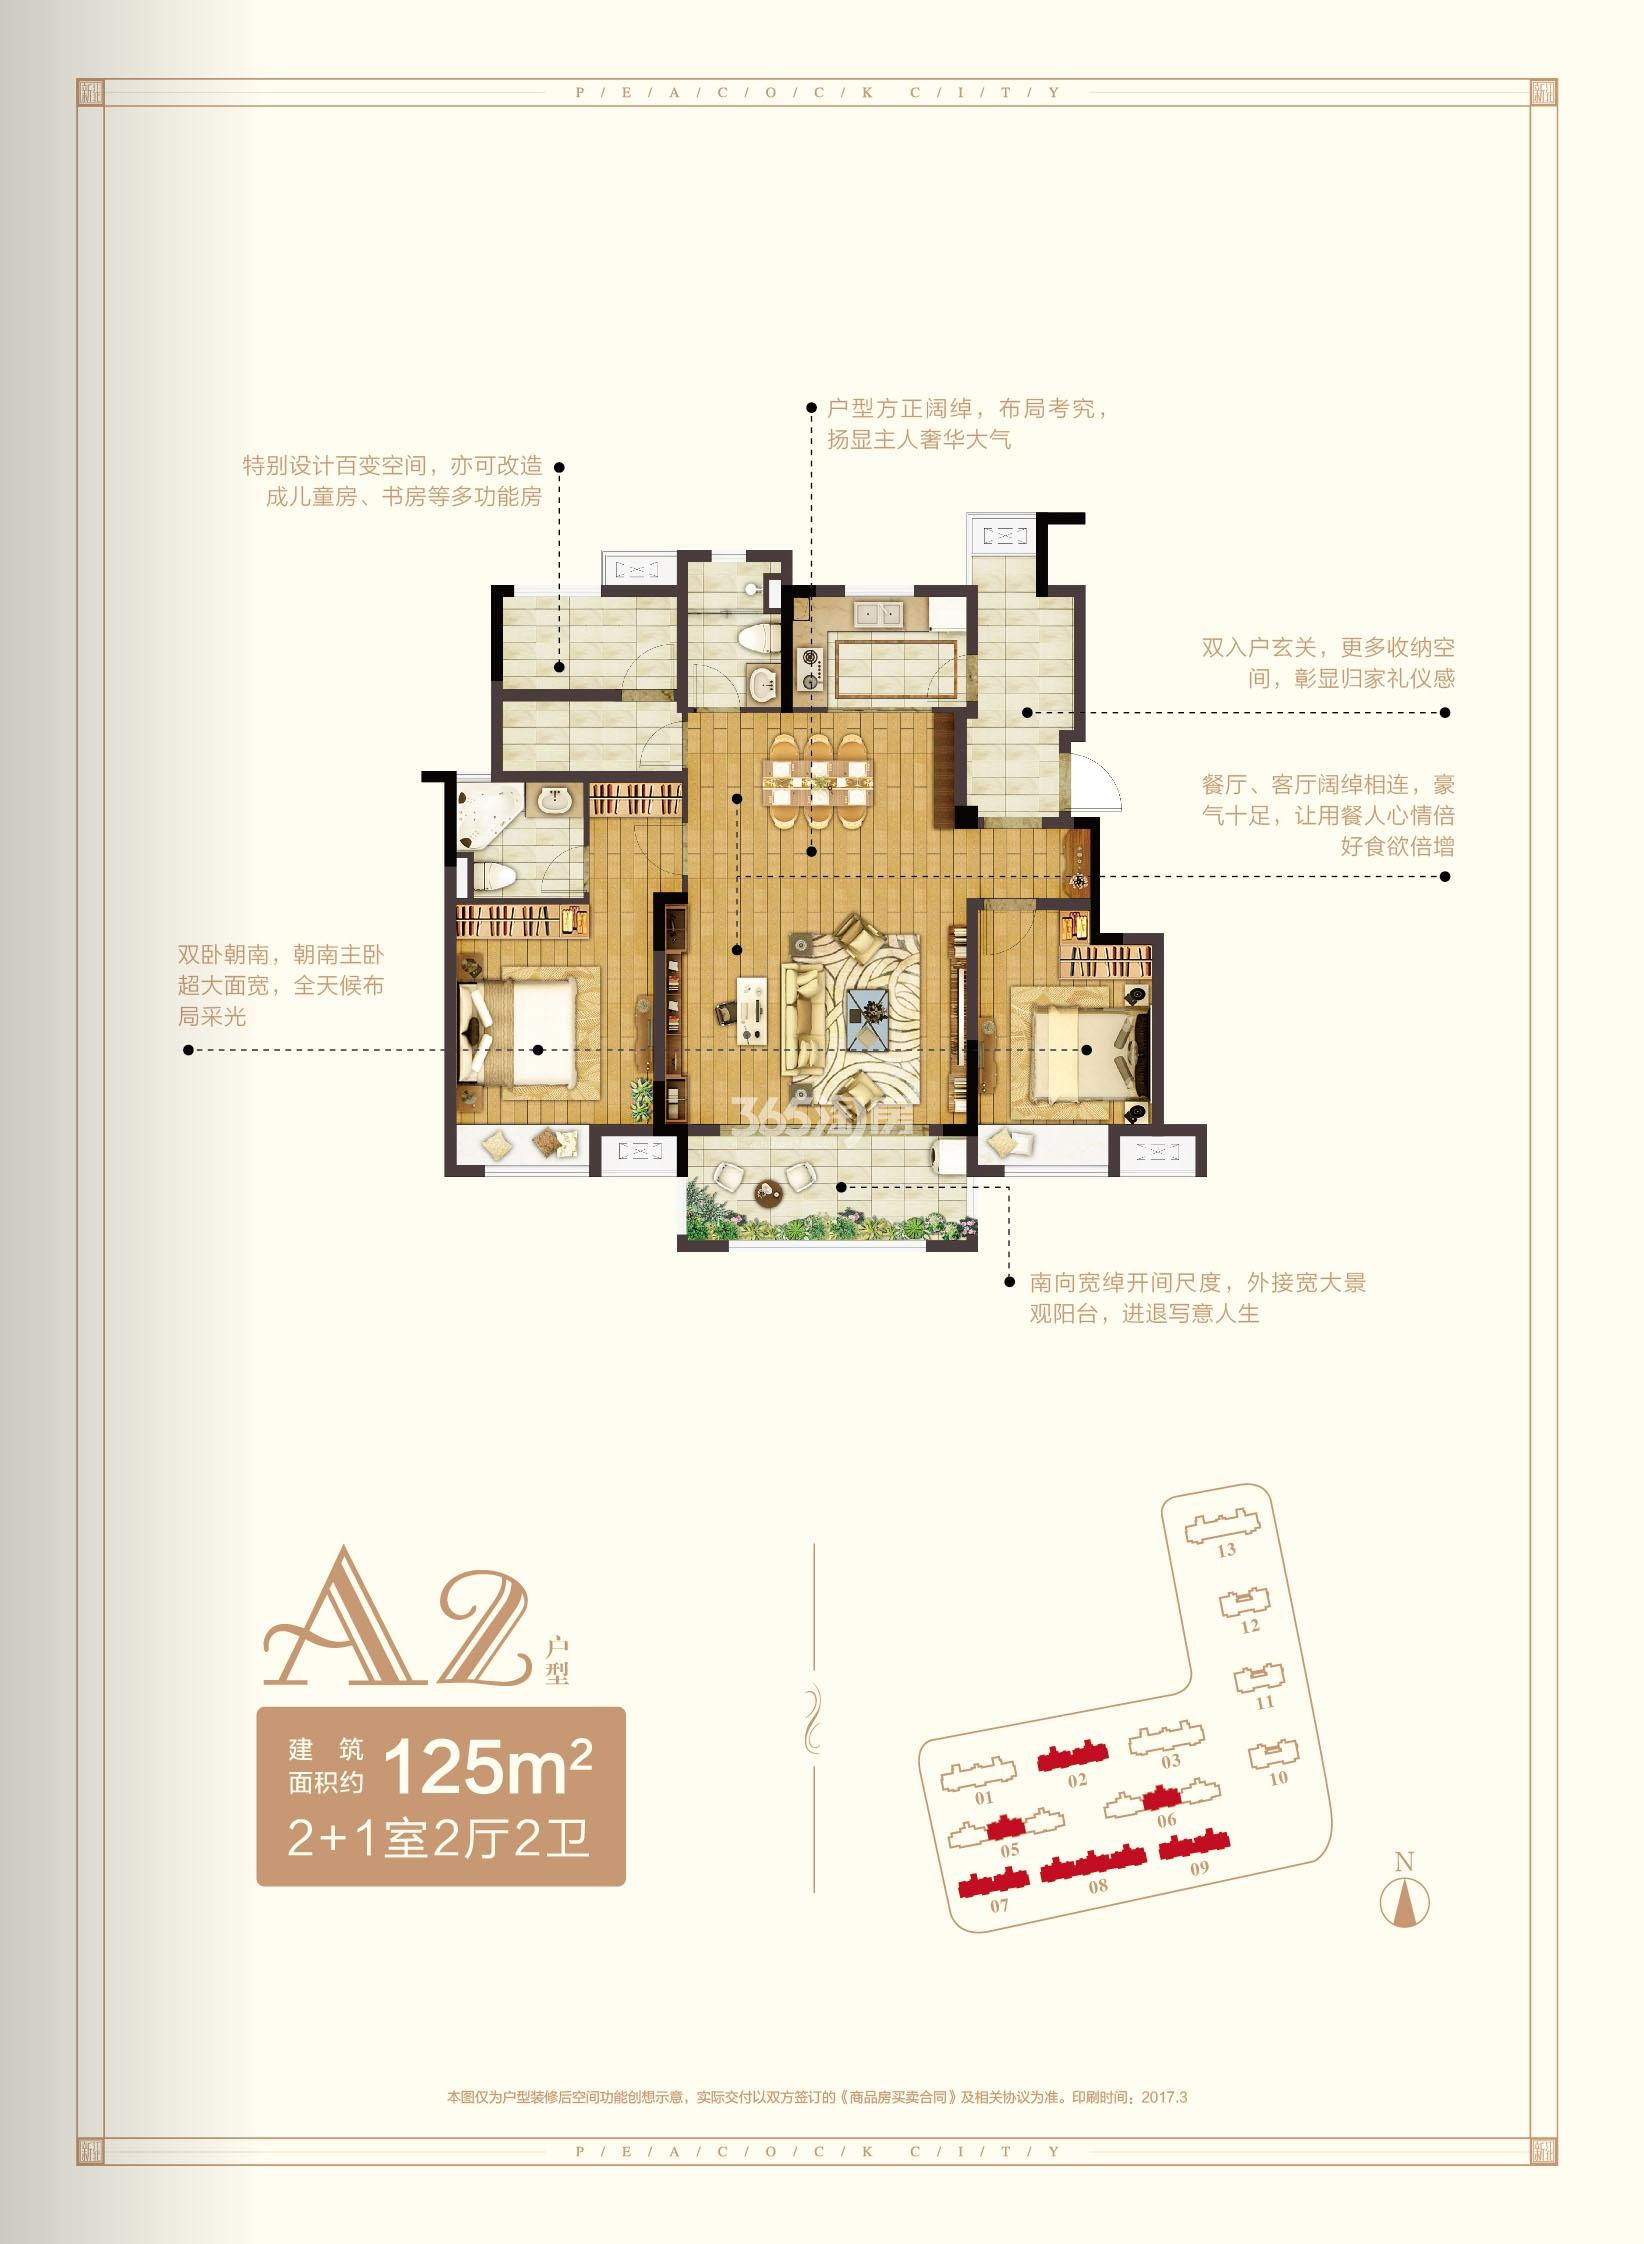 新江北孔雀城三期洋房A2户型图